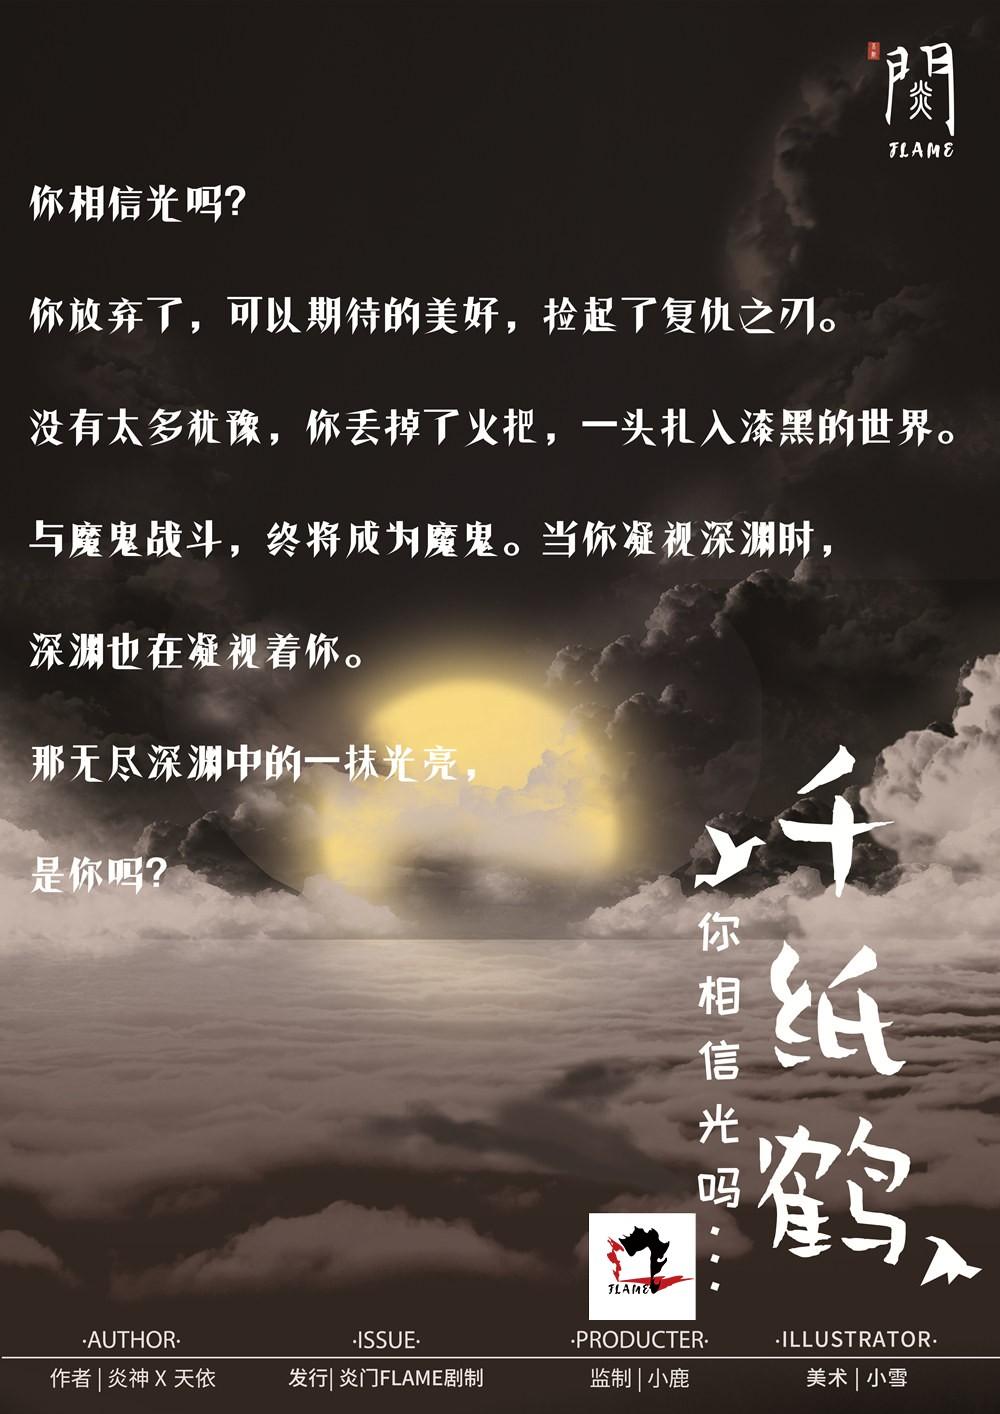 『千纸鹤』剧本杀复盘/答案揭秘/案件解析/故事结局真相